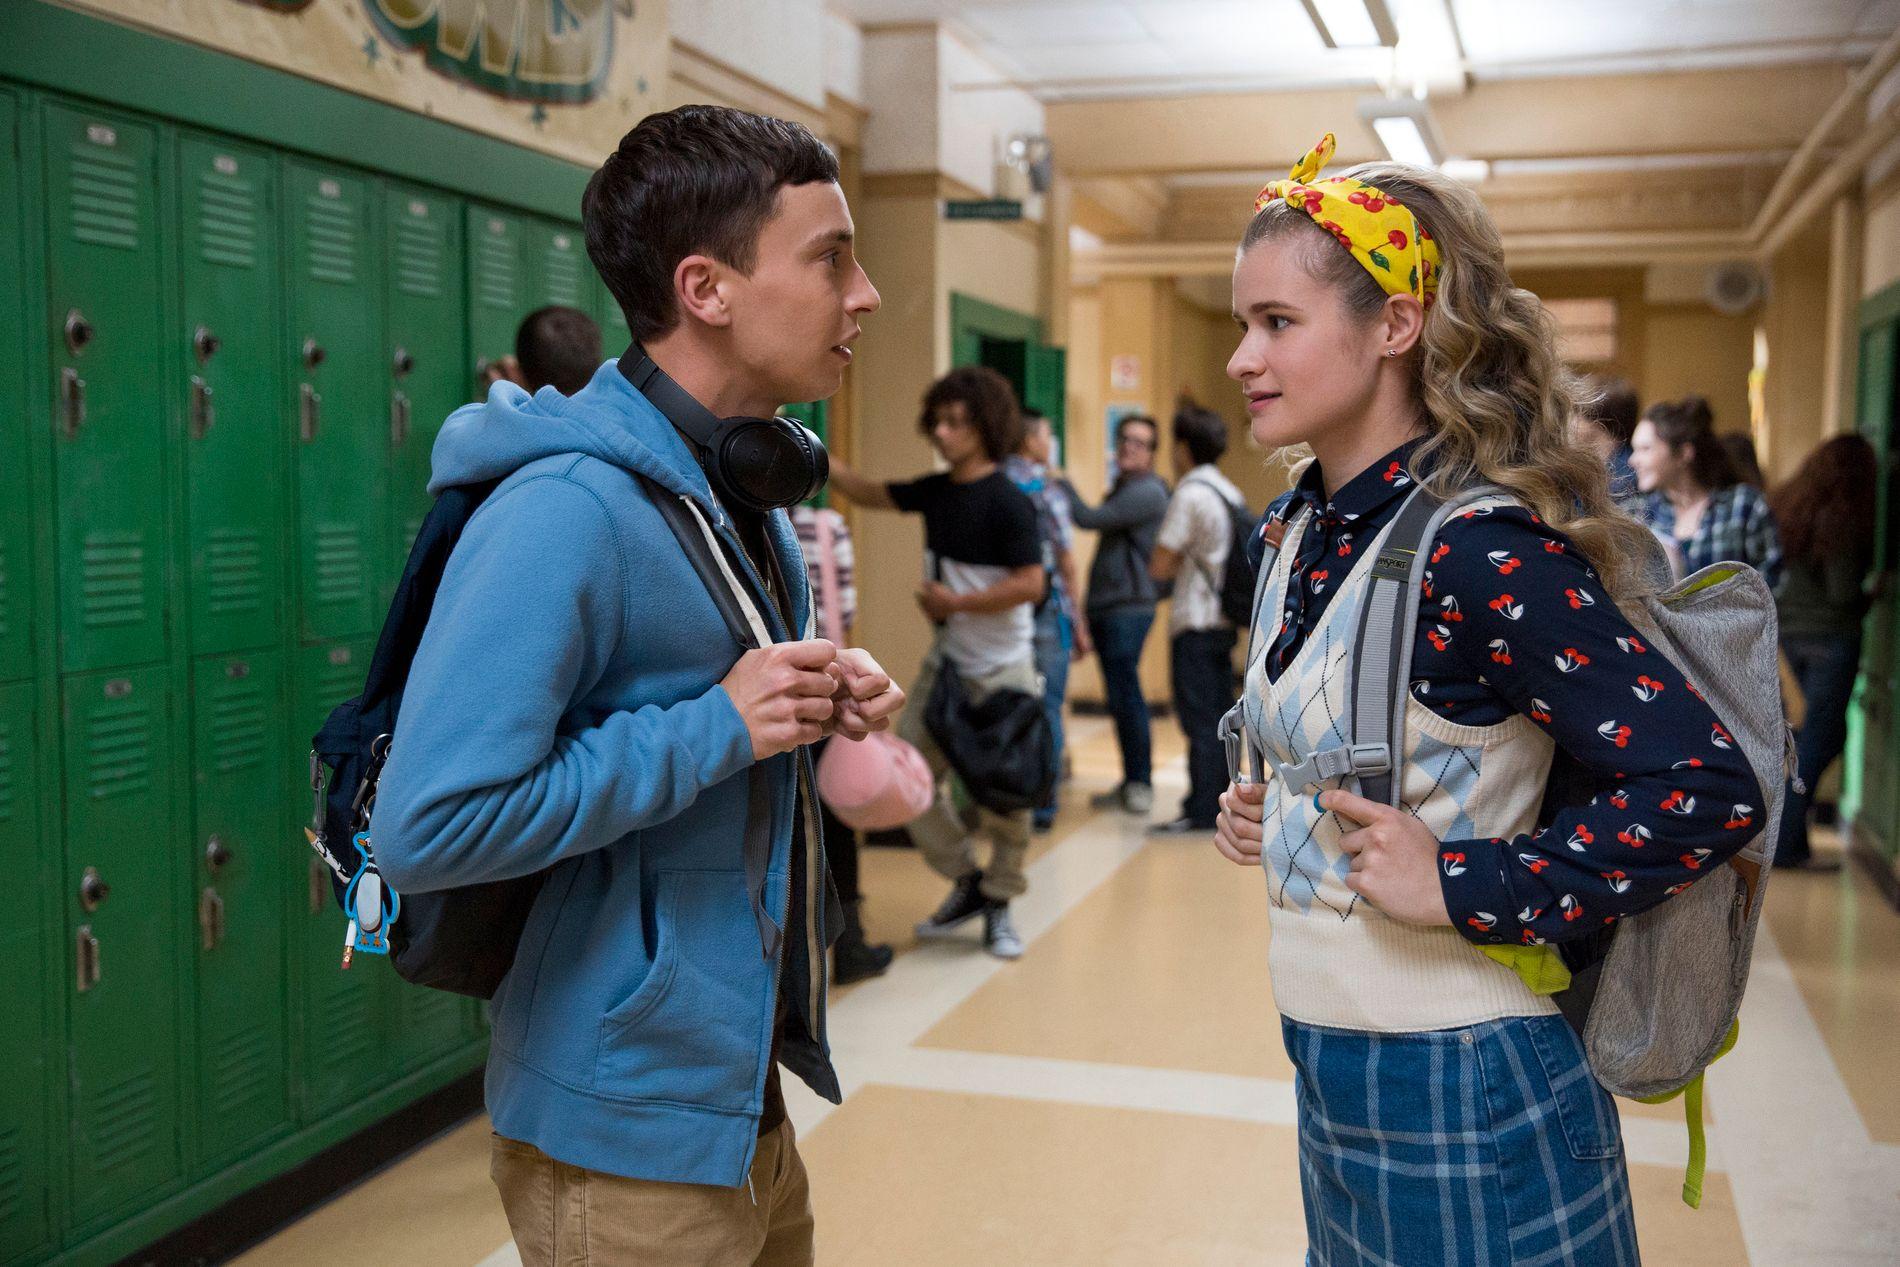 UNDDOMSLIVET: Keir Gilchrist som Sam og Jenna Boyd som Paige i sesong 2 av «Atypical».